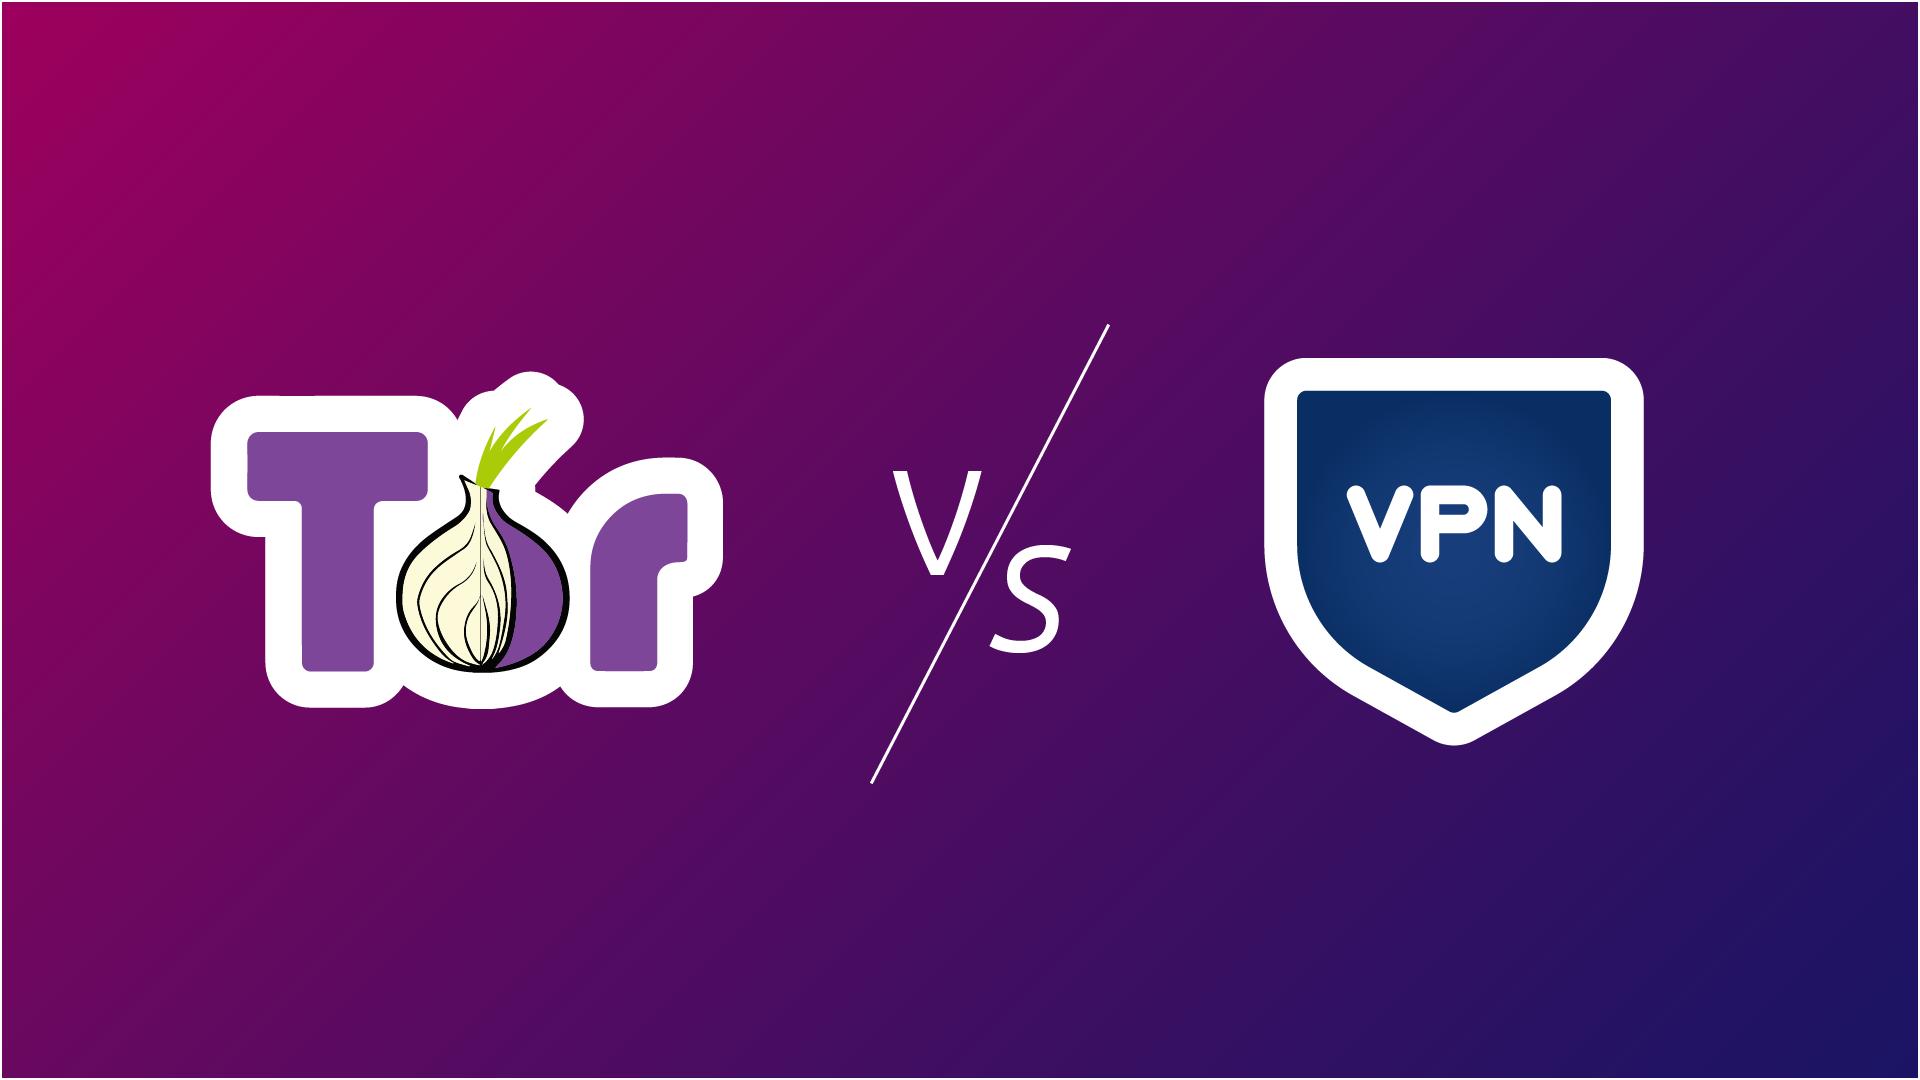 تفاوت تور و VPN در چیست